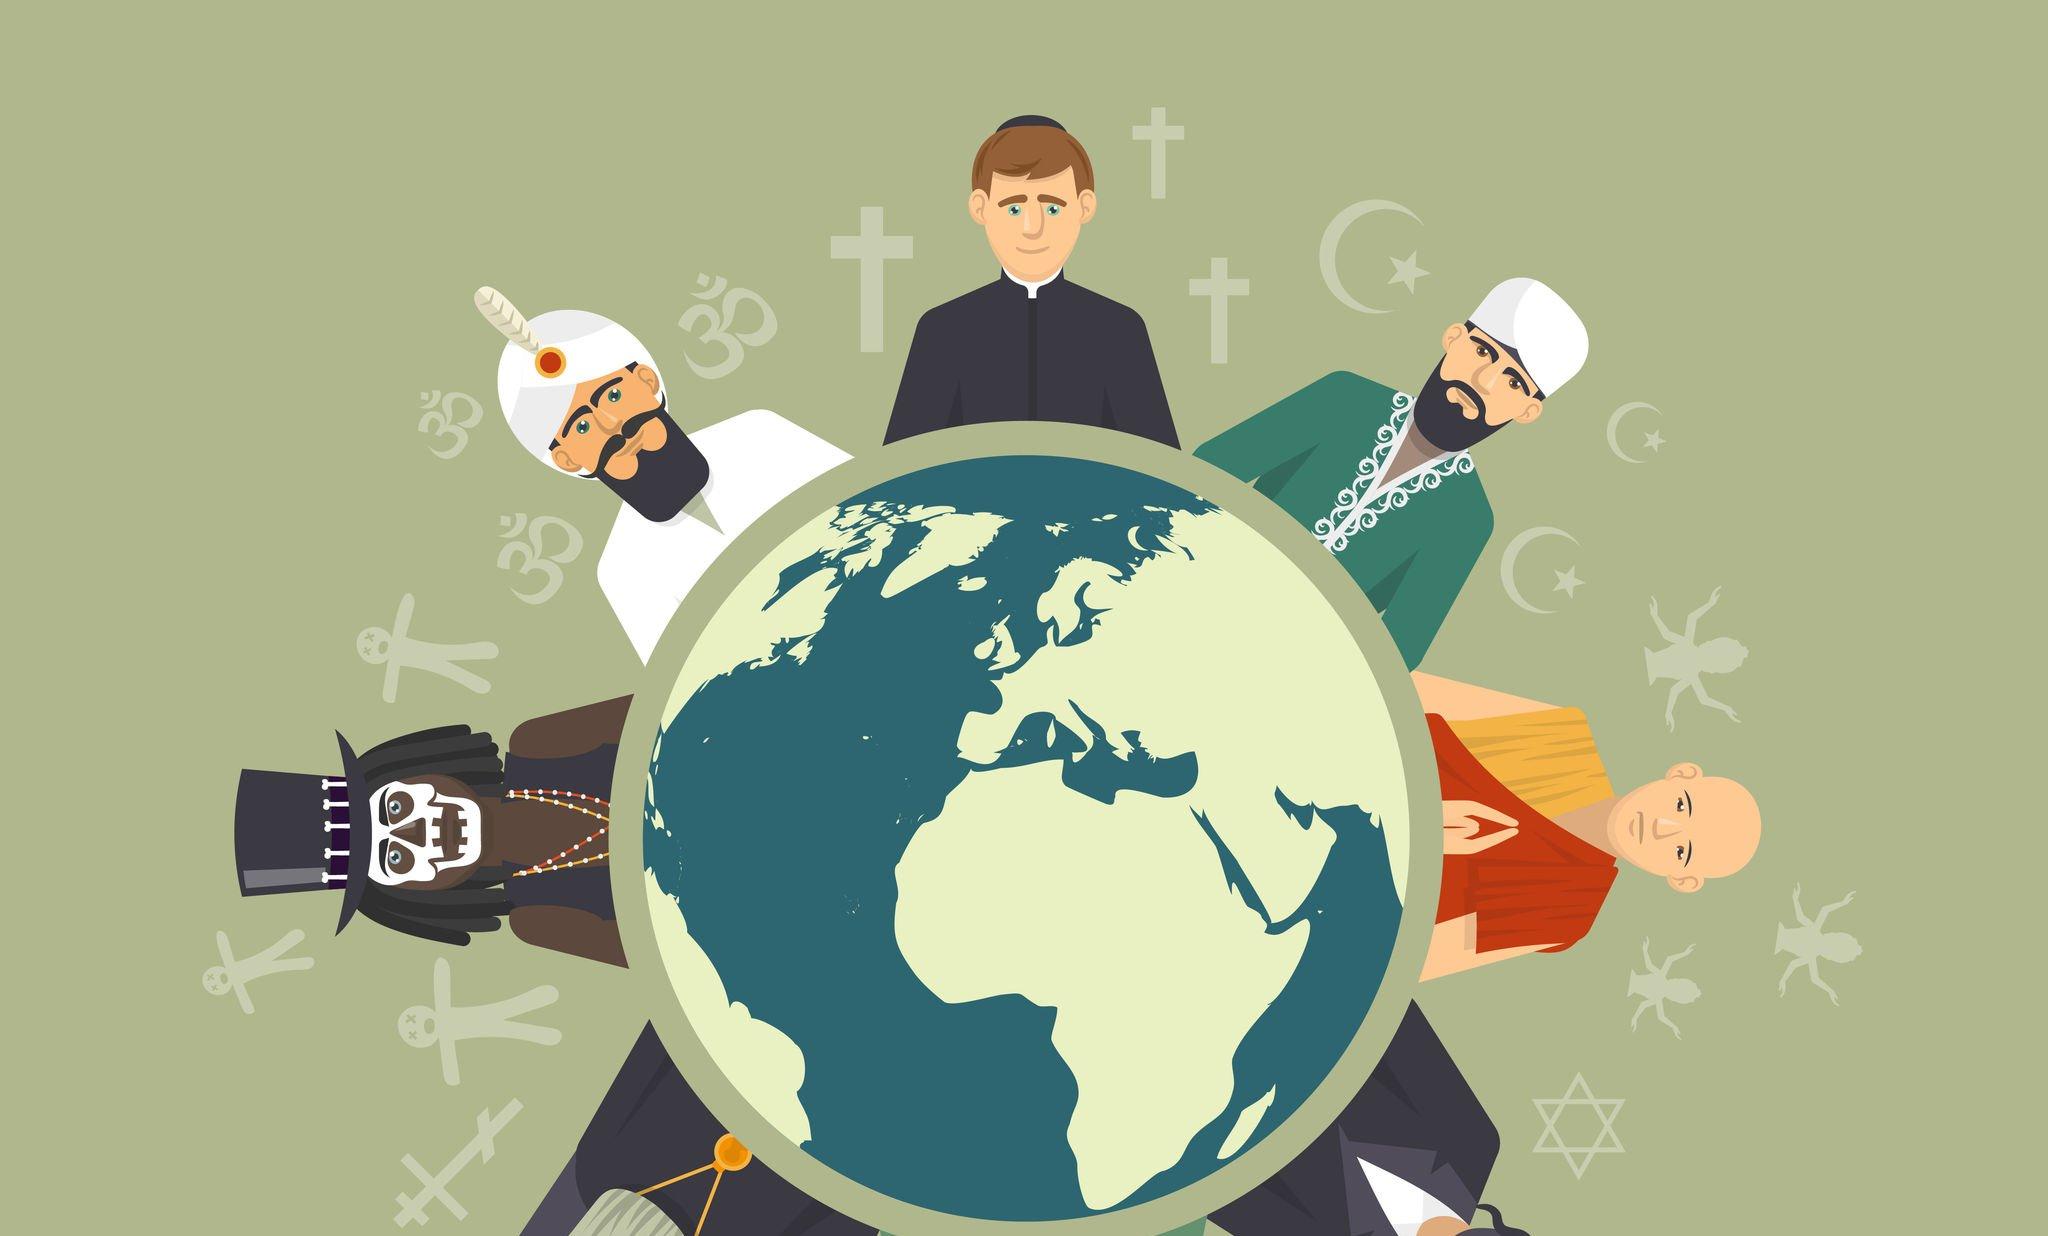 Dia Mundial Da Religi 227 O Mensagens Para Espalhar F 233 E Amor